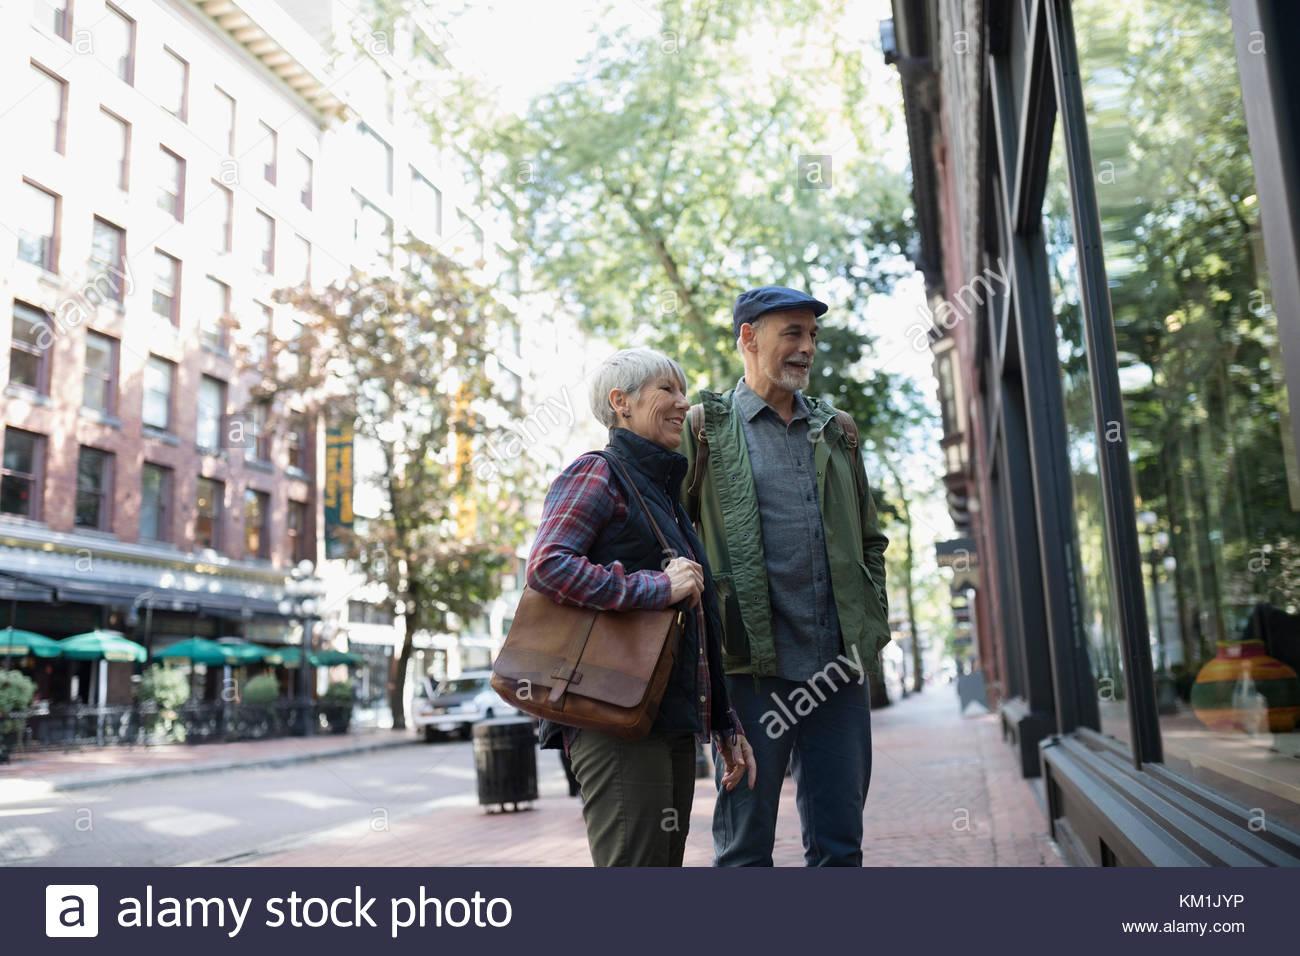 Senior couple window shopping at urban storefront - Stock Image